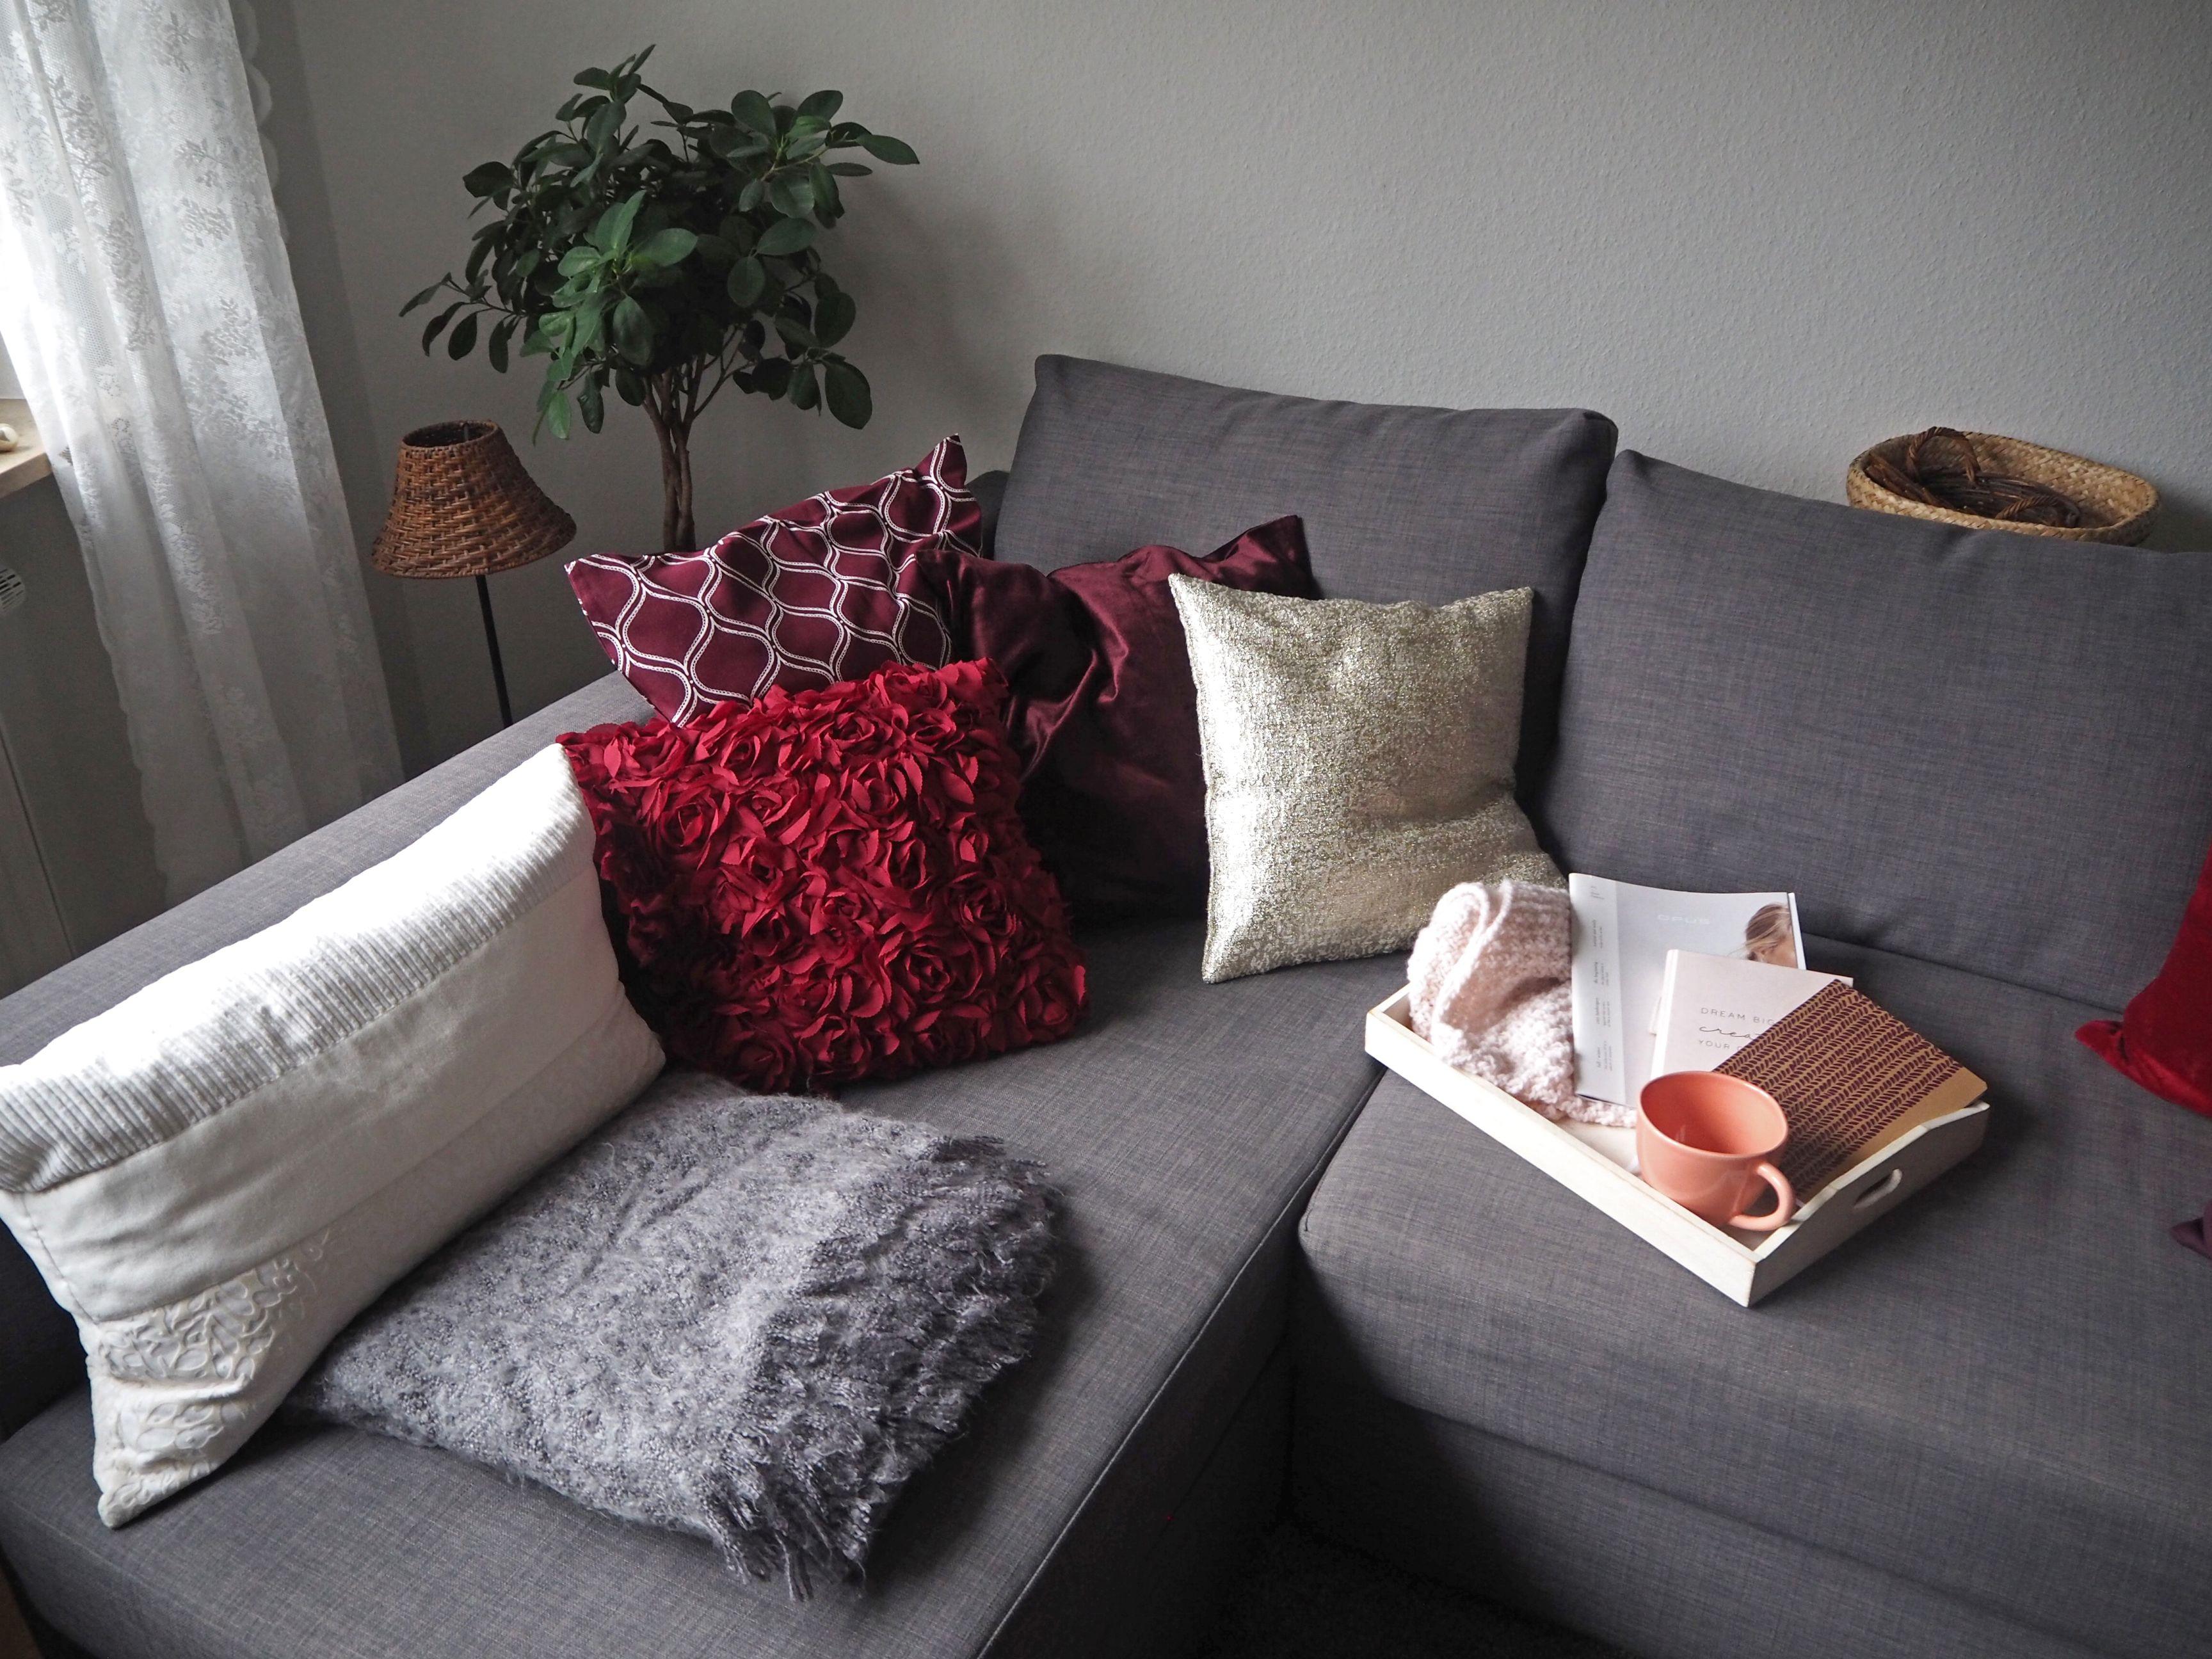 2018-skoen-och-kreativ-interior-god-jul-klassisches-rot-fuer-weihnachten-wohnzimmer (9)